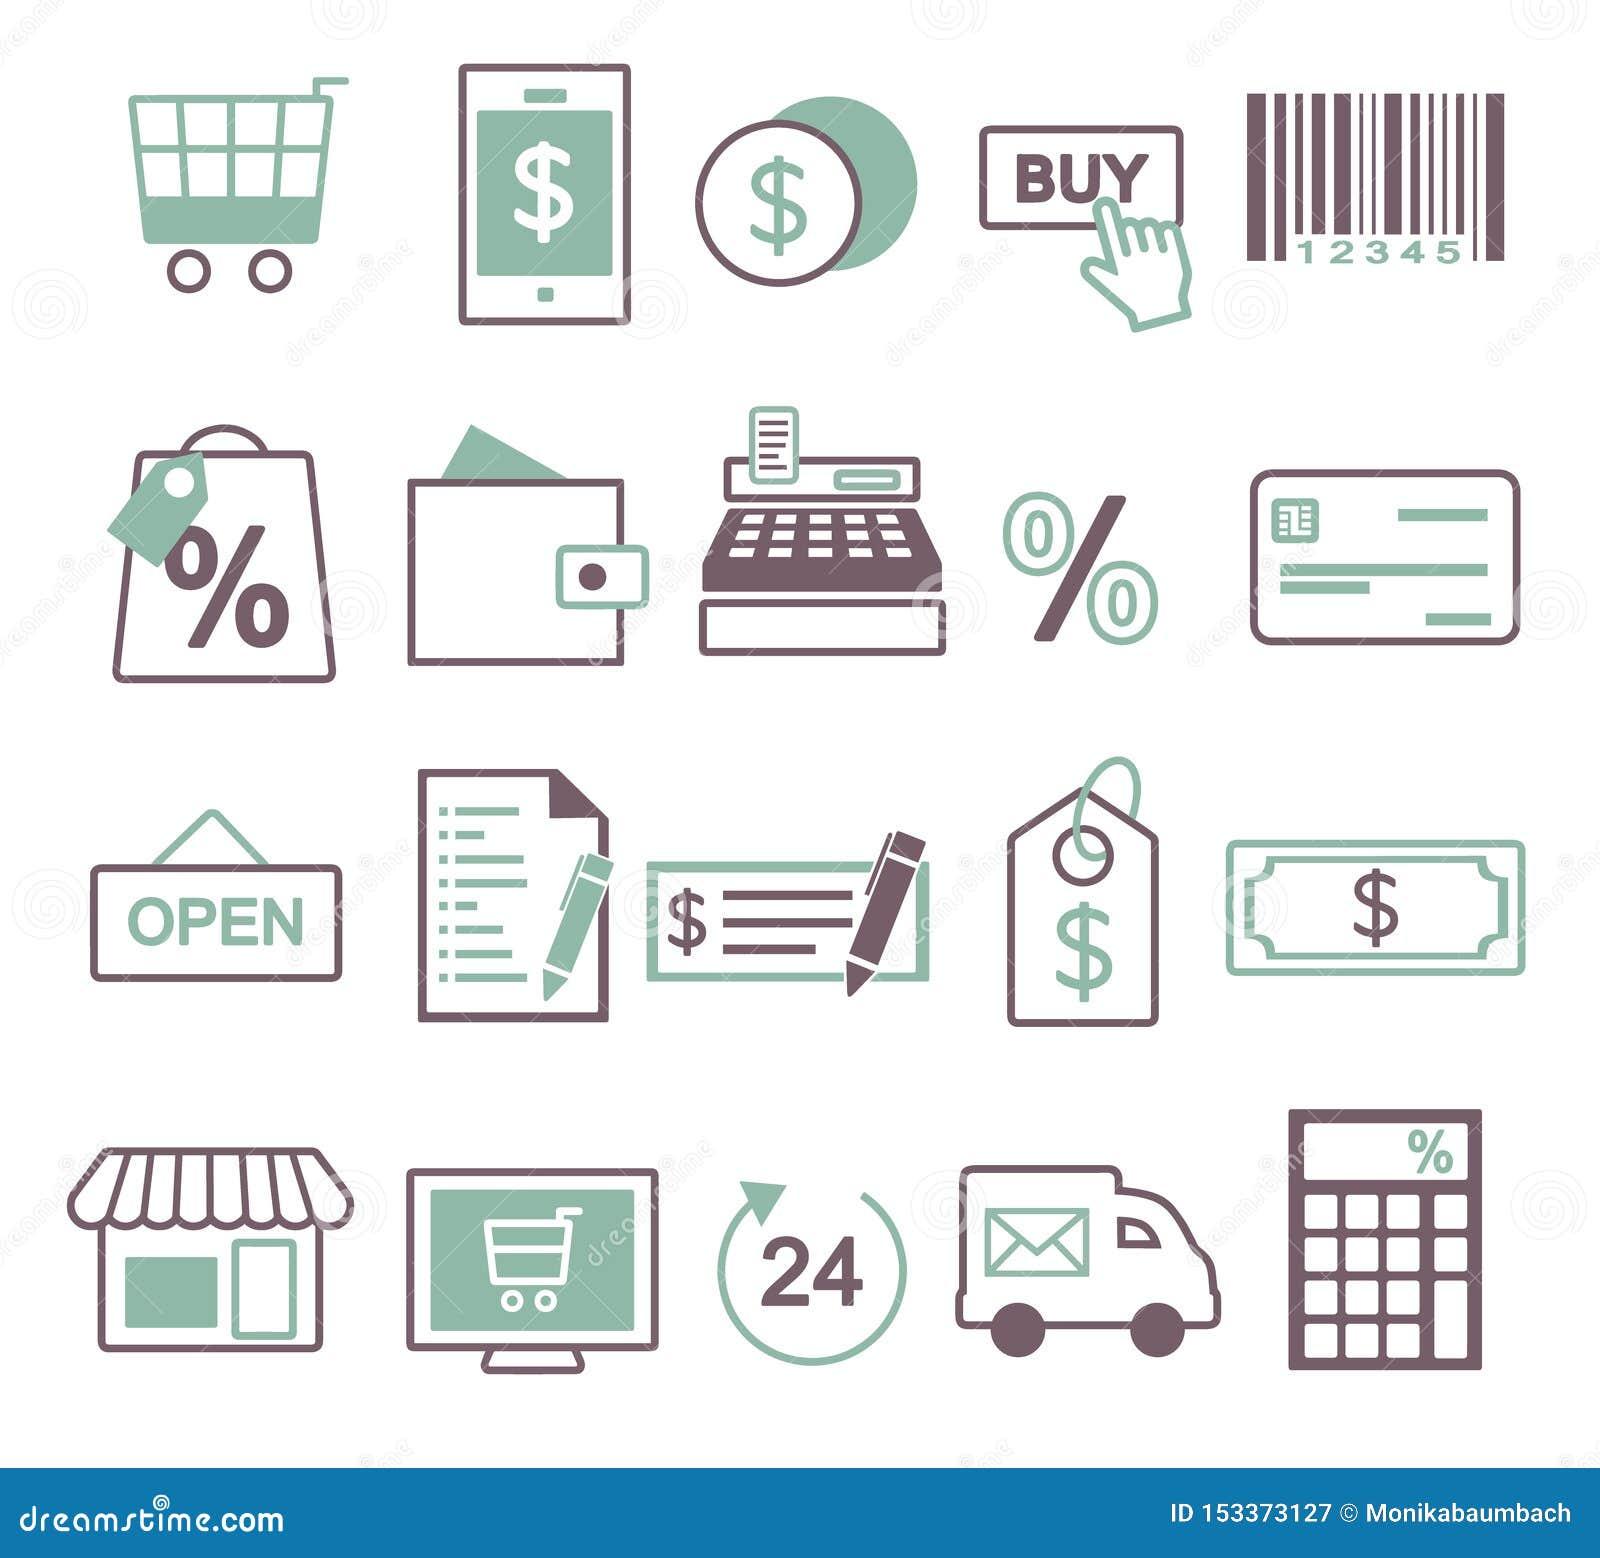 Icône de vecteur réglée pour créer l inforaphics lié aux achats, à la vente et au commerce en ligne, y compris le caddie, télépho